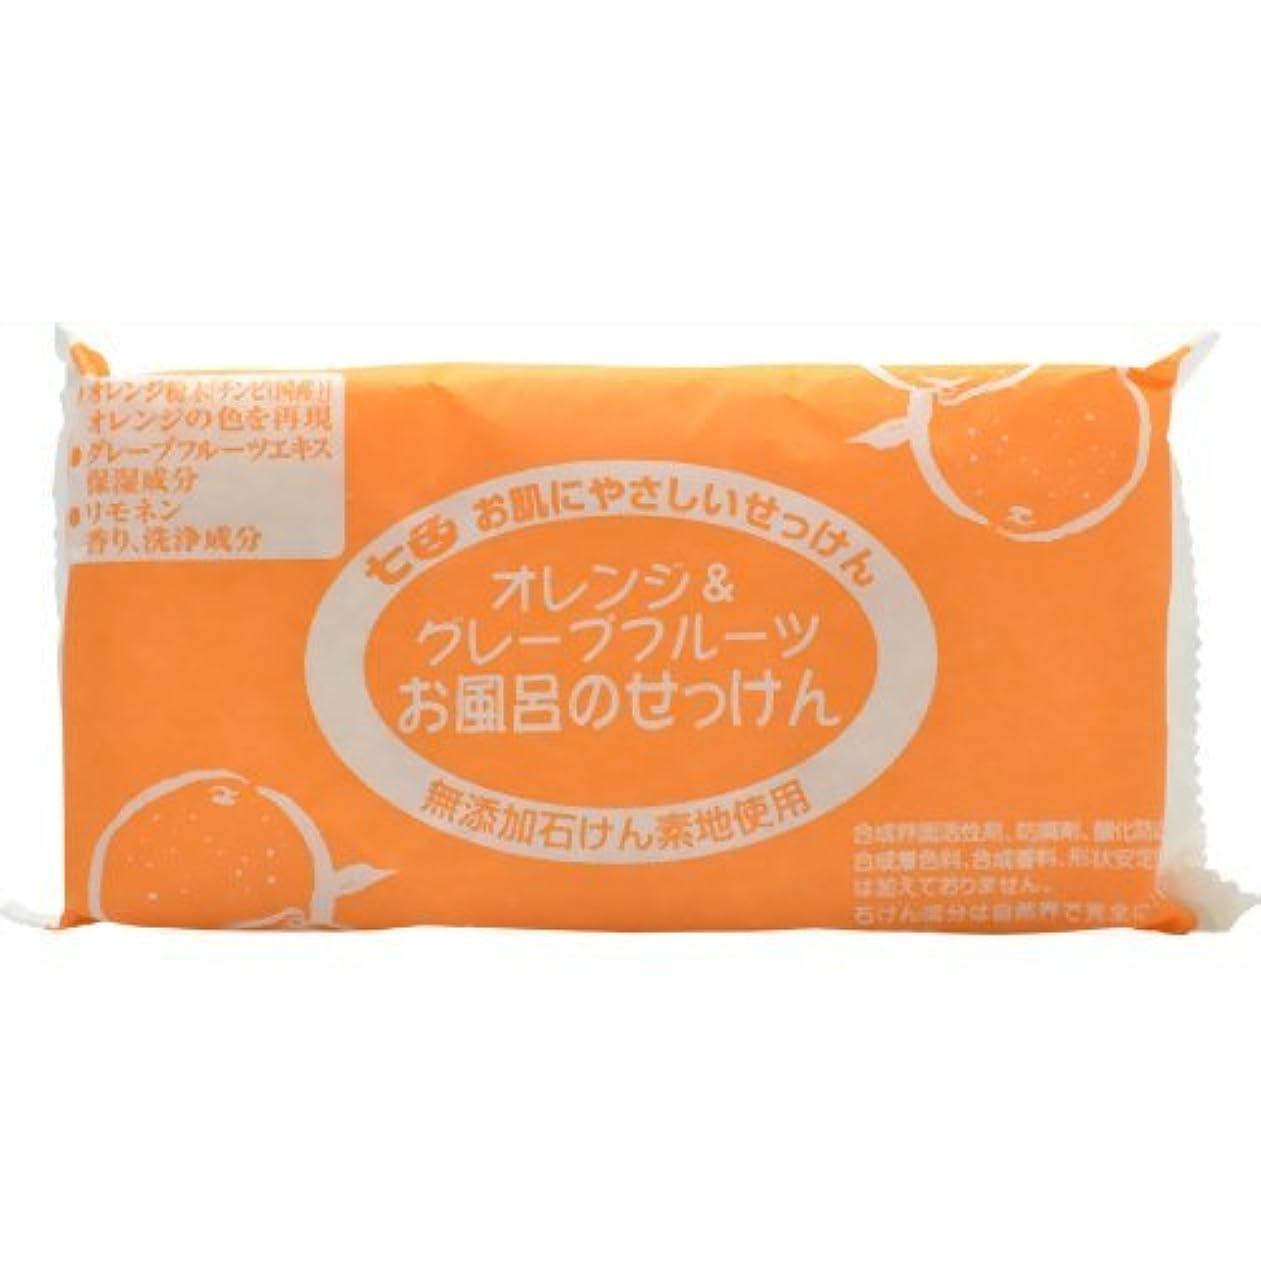 承知しました名詞ポケットまるは オレンジ&グレープフルーツ お風呂の石鹸 3個入り